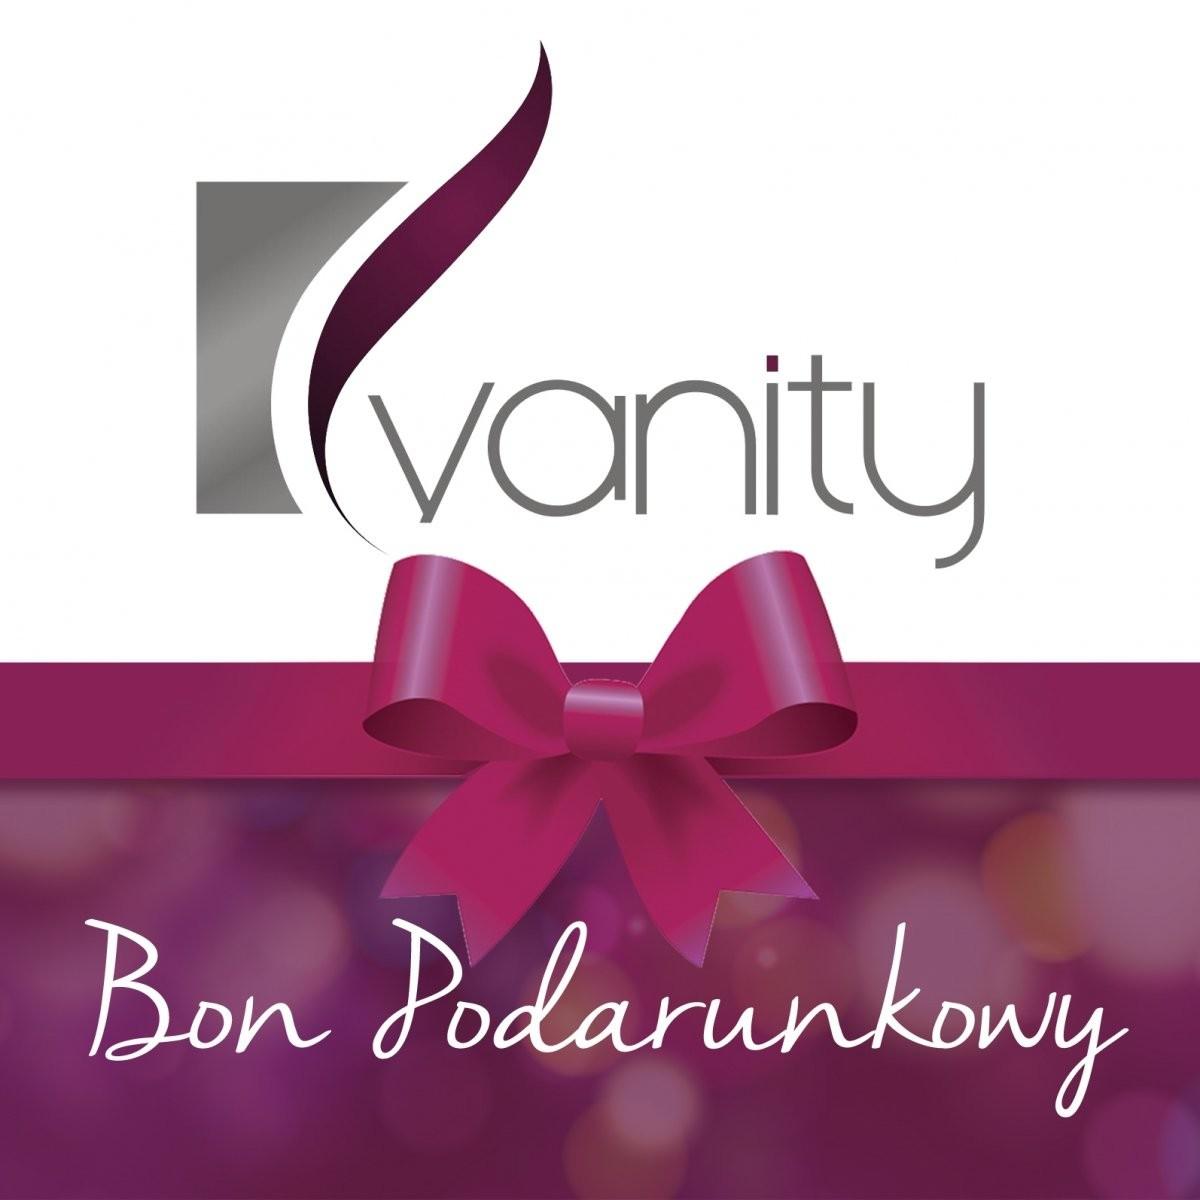 Vanity Bon Podarunkowy, 50 Zł